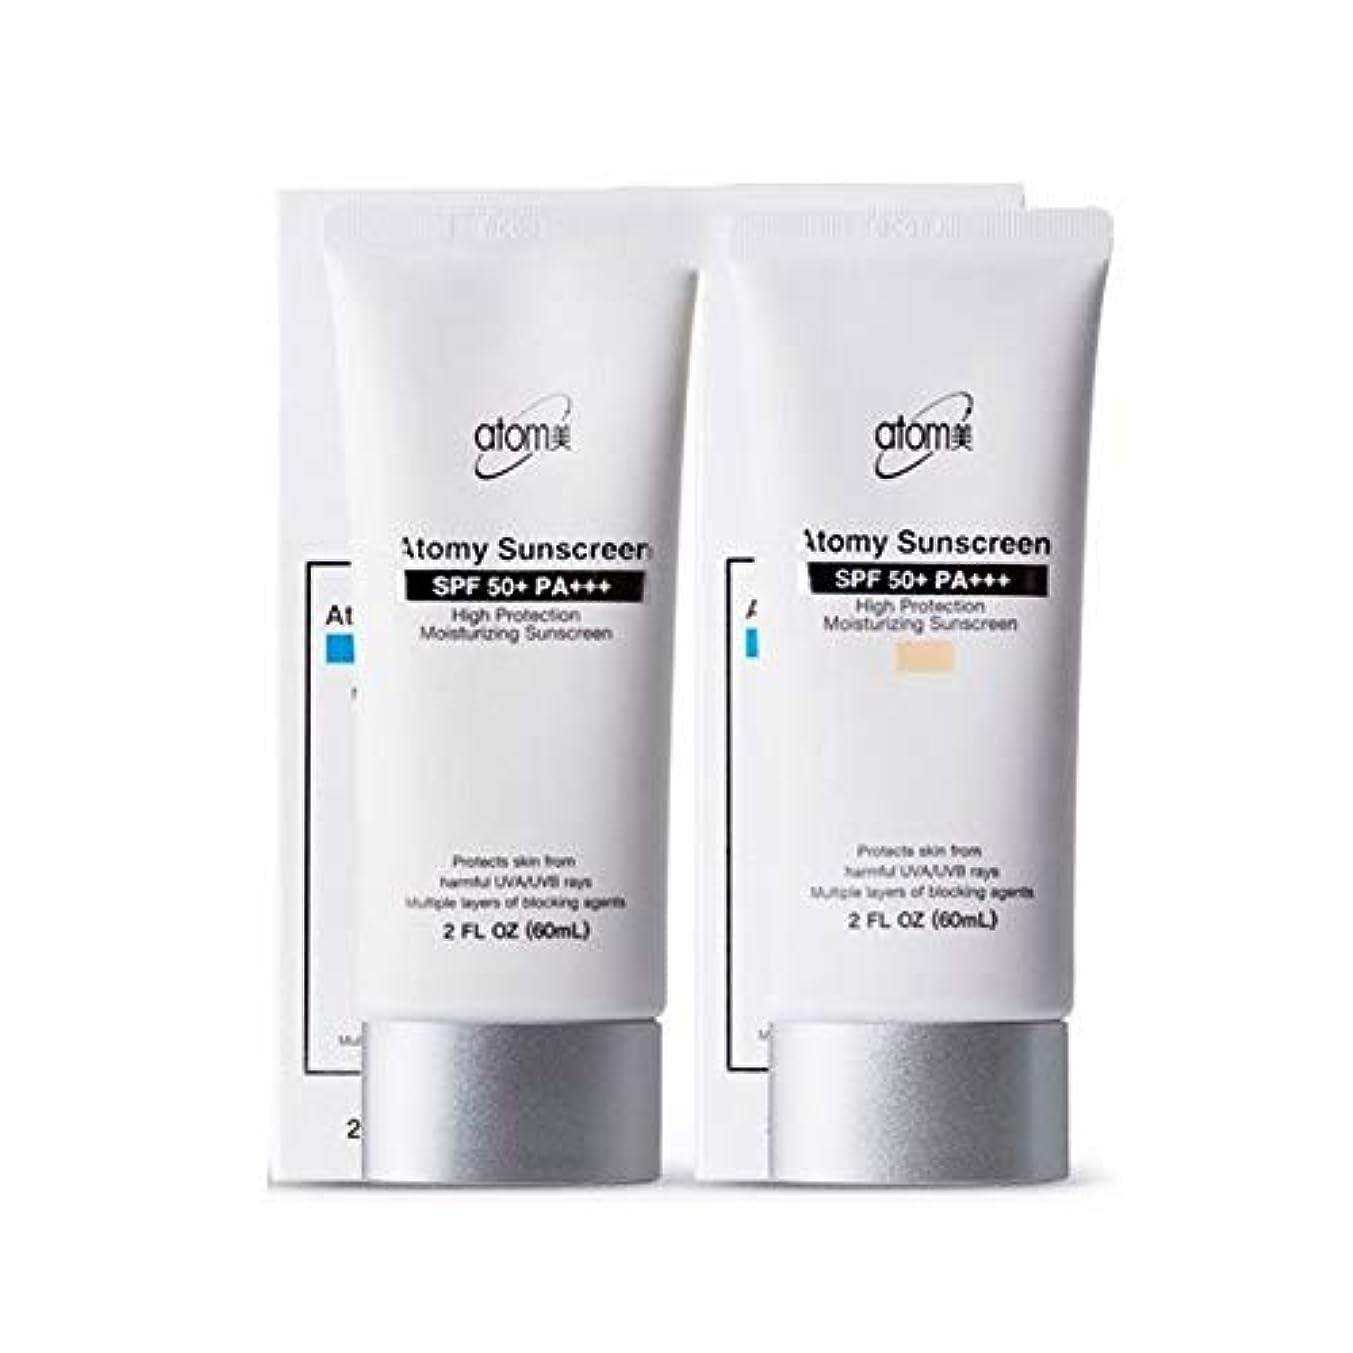 ヘッジテロリストダースアトミ(Atomy) サンクリームベージュ+ホワイト(SPF50+/PA+++)60ml、ハイプロテクション、Atomy Sun Cream Beige+White(SPF50+/PA+++)60ml、High Protection...